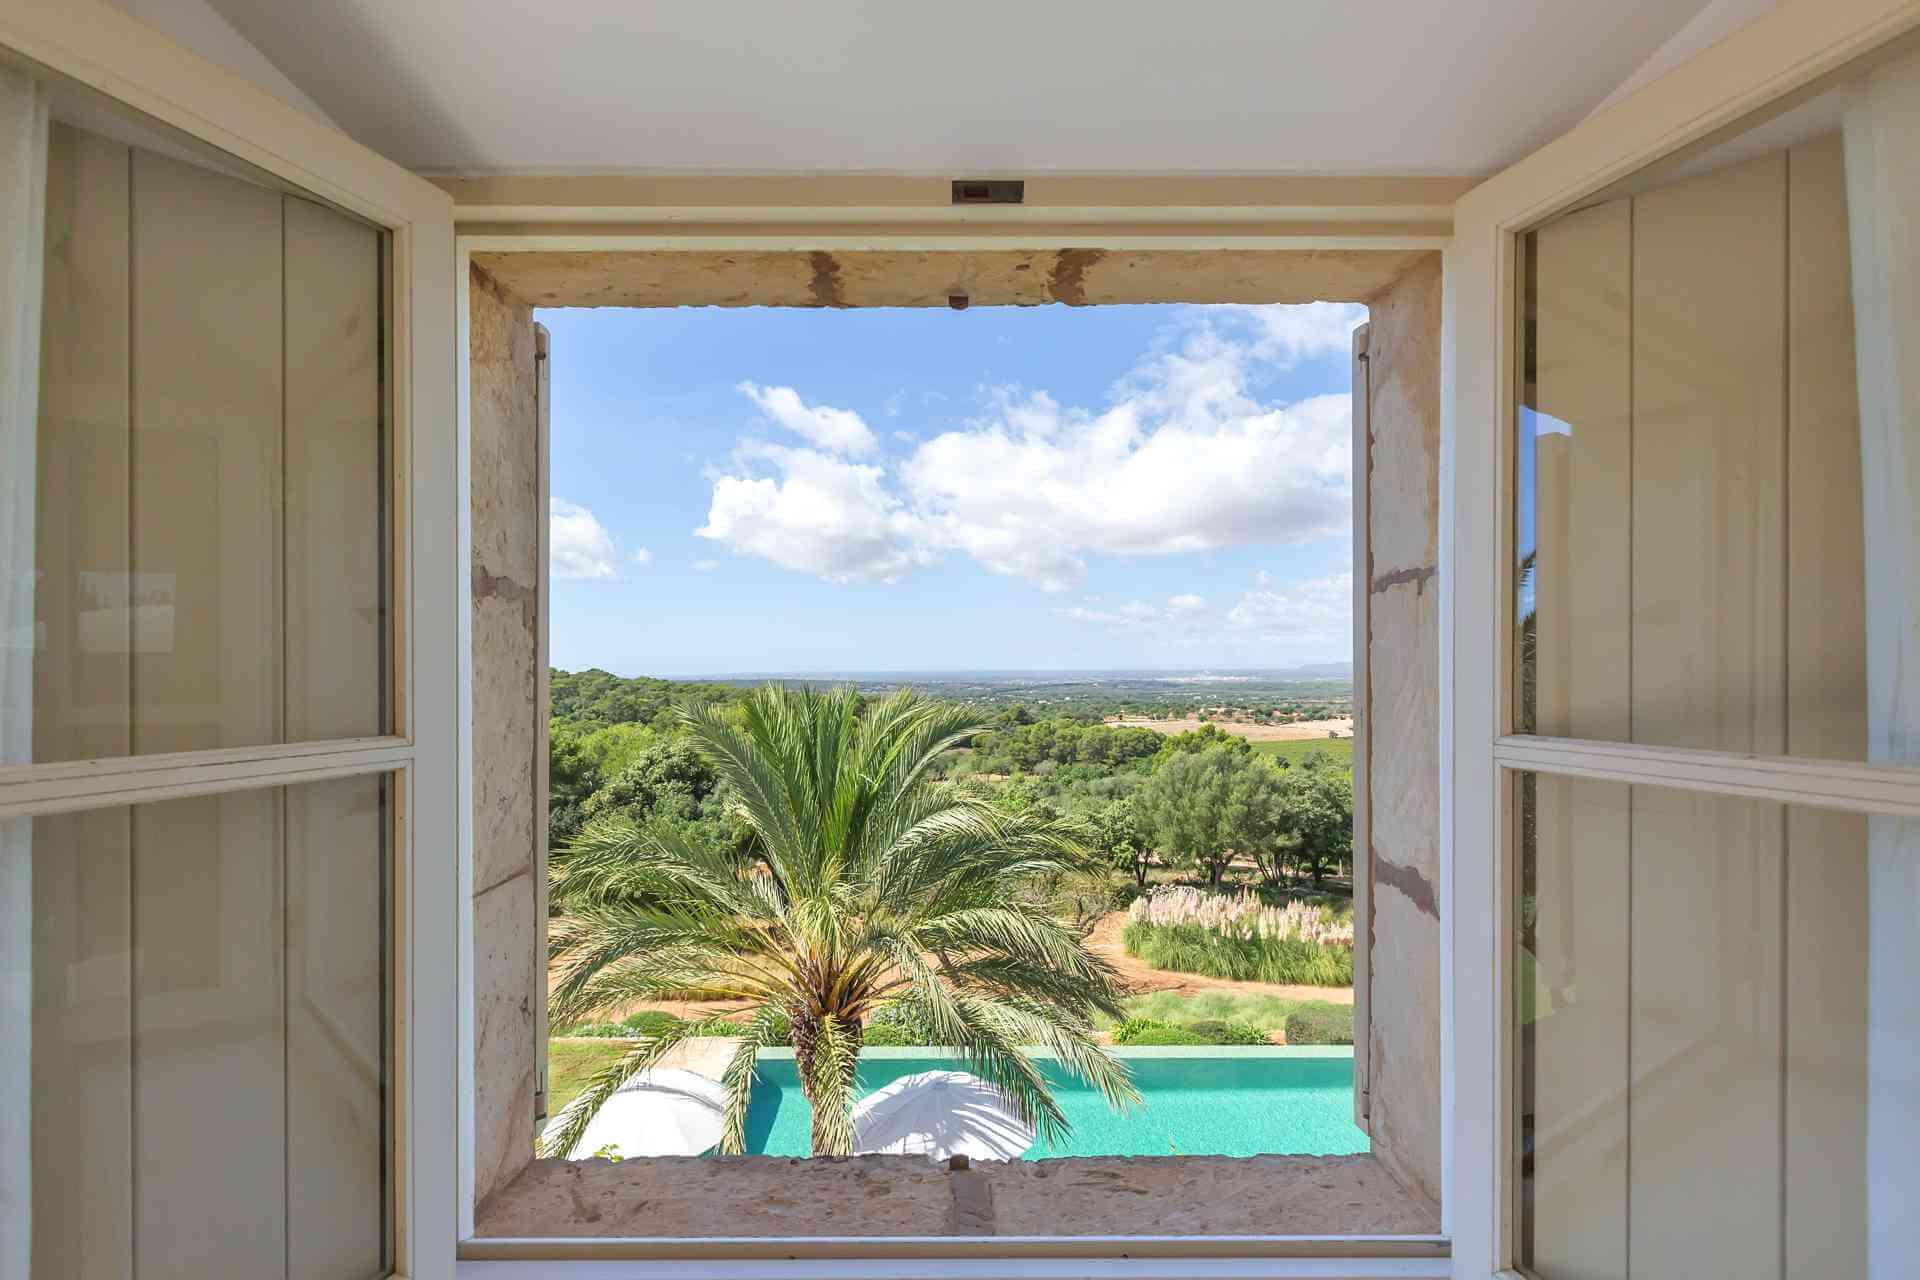 01-343 luxuriöse Finca Mallorca Süden Bild 21